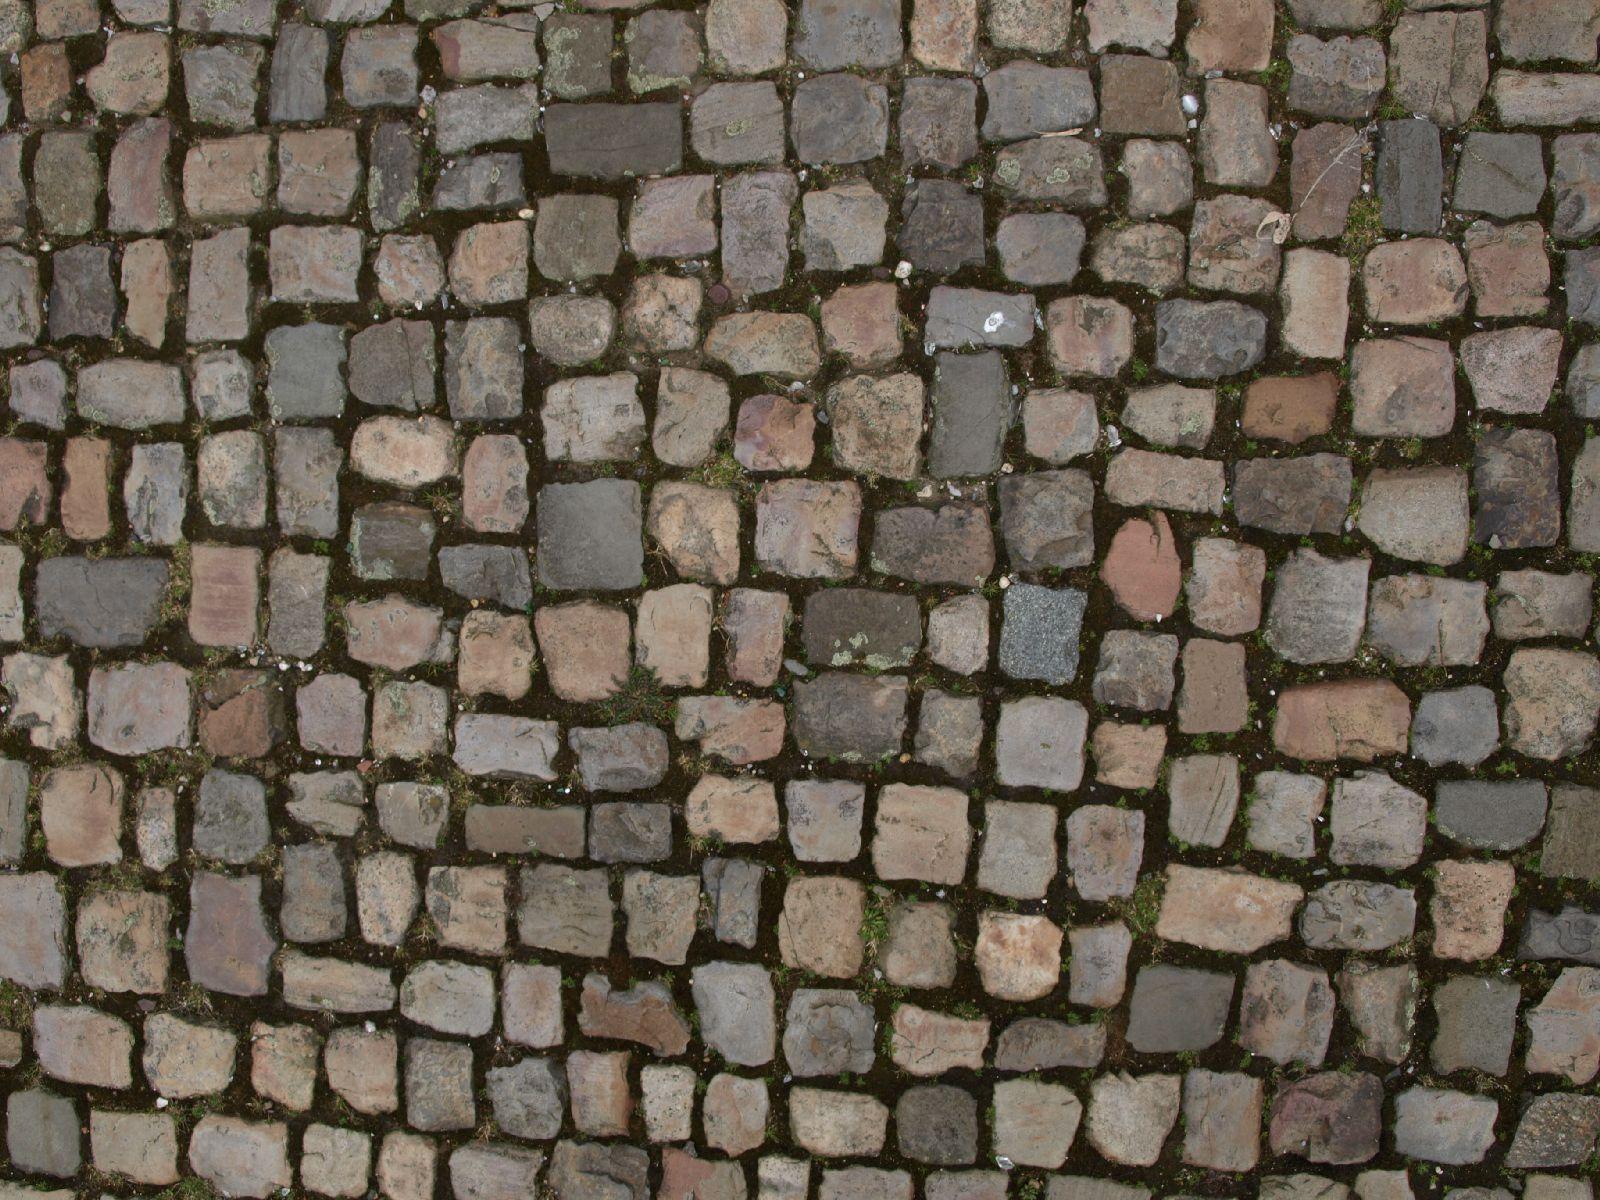 Boden-Gehweg-Strasse-Buergersteig-Textur_A_P4120795